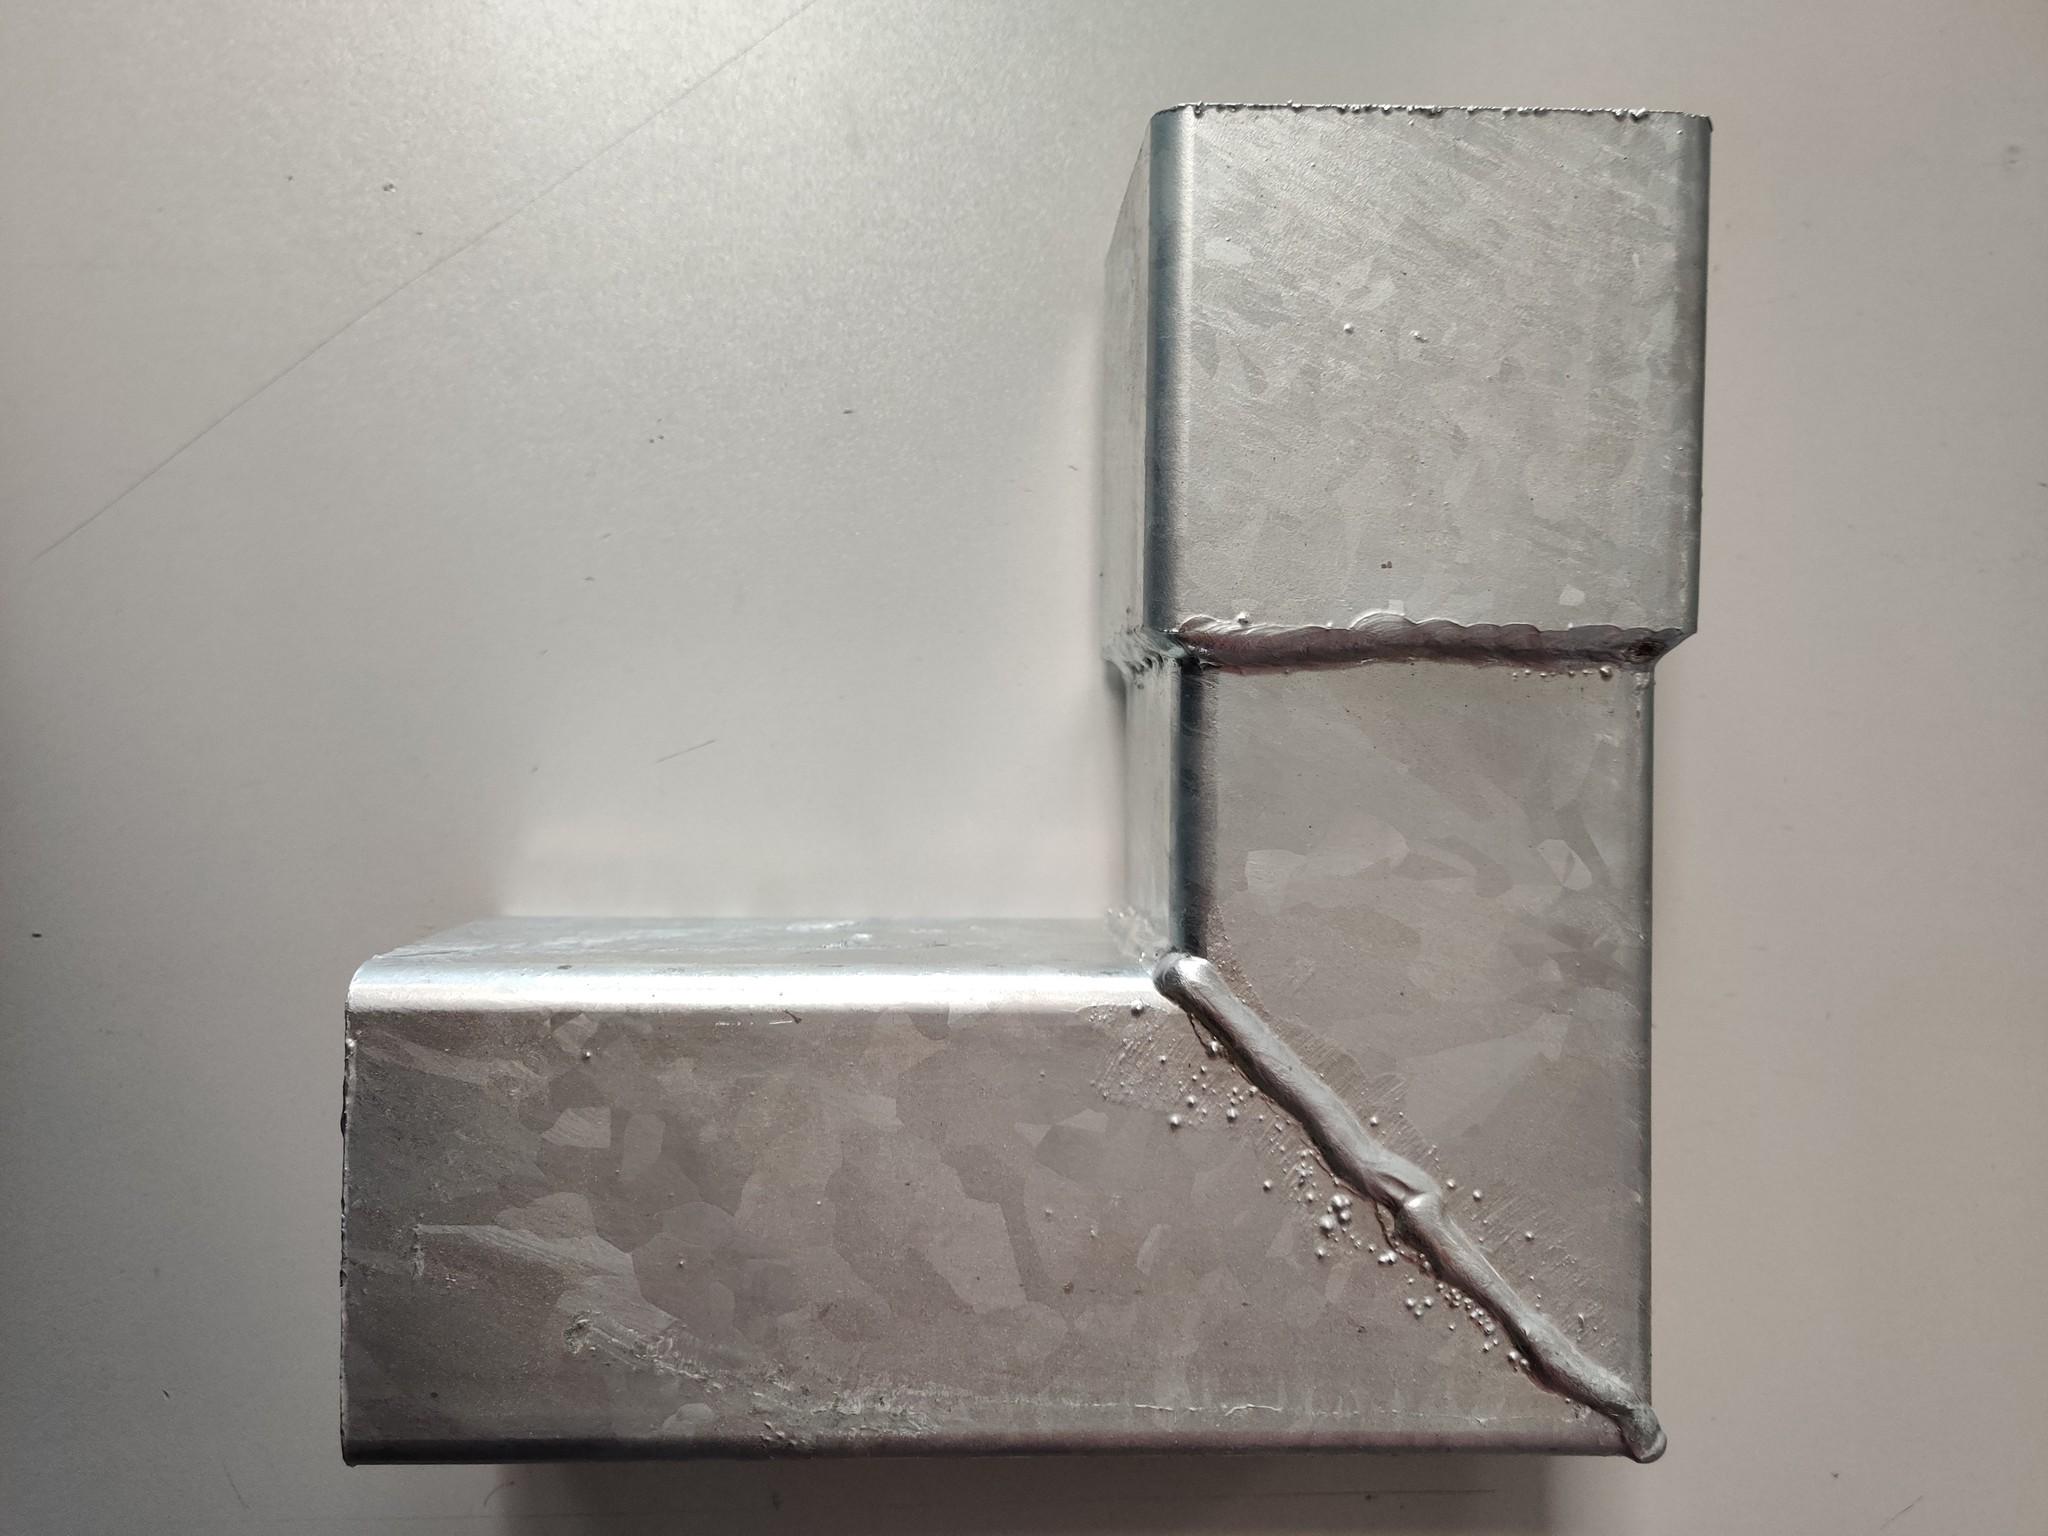 Feyts Staal verzinkte  bocht voor ondereind vierkant 80 x 80 mm - 90 graden